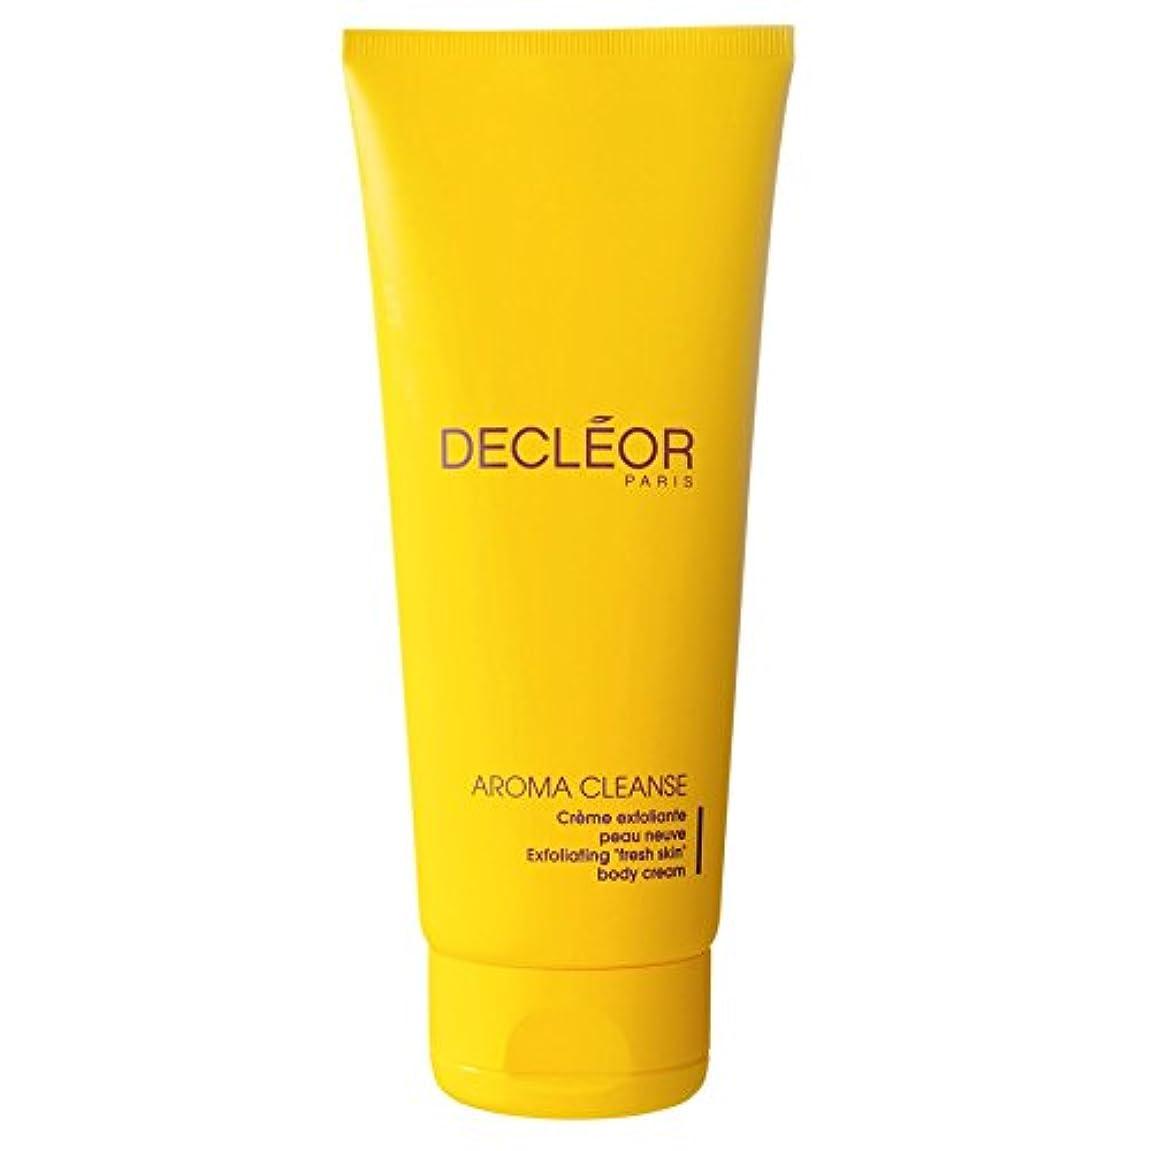 クレジット仮定する霧[Decl?or ] デクレオール角質除去ボディクリーム200ミリリットル - Decl?or Exfoliating Body Cream 200ml [並行輸入品]